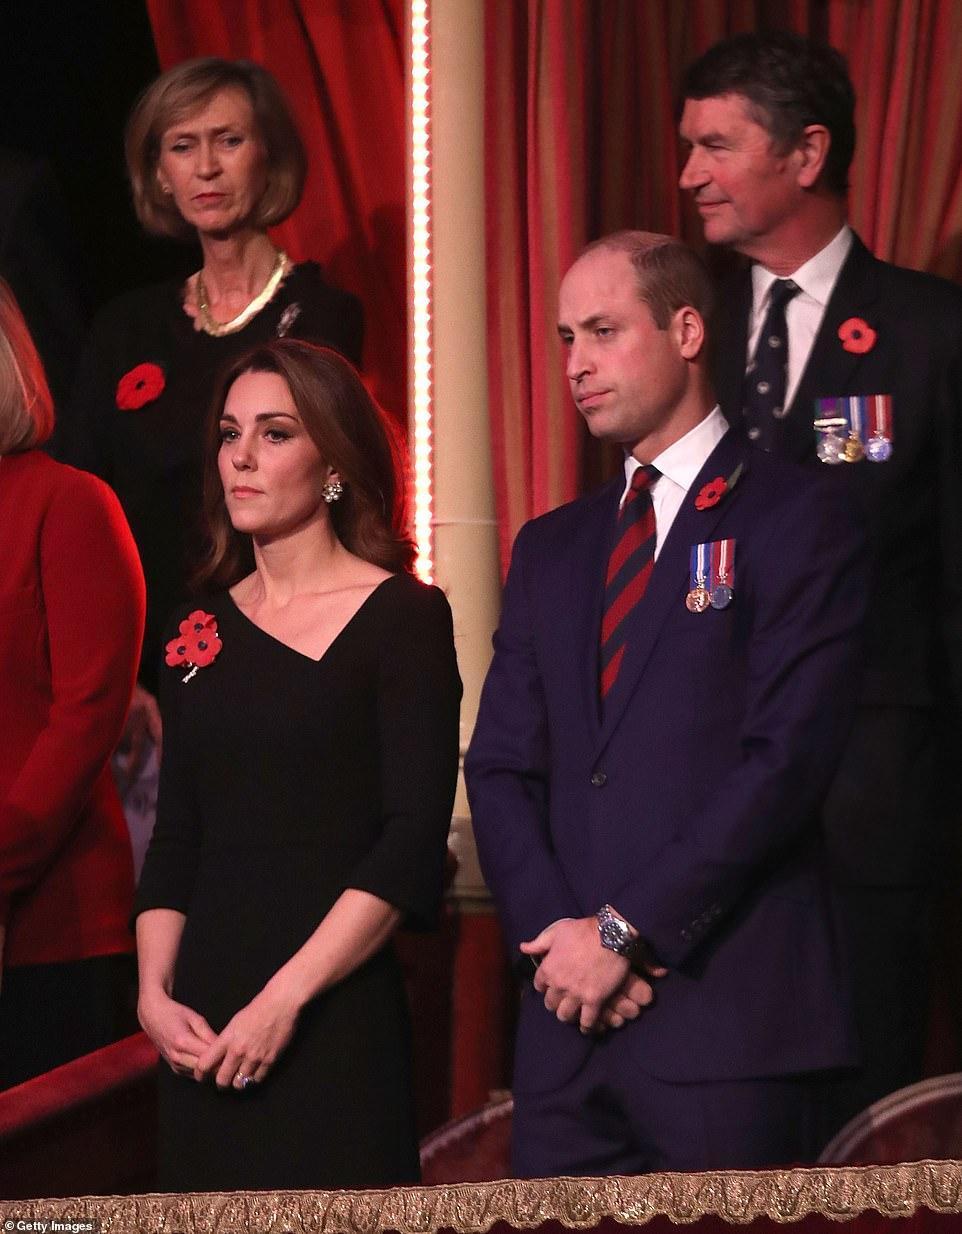 王室齊聚紀念日活動,凱特好少女梅根胖了些,卡米拉笑得最開心 時尚 第12張